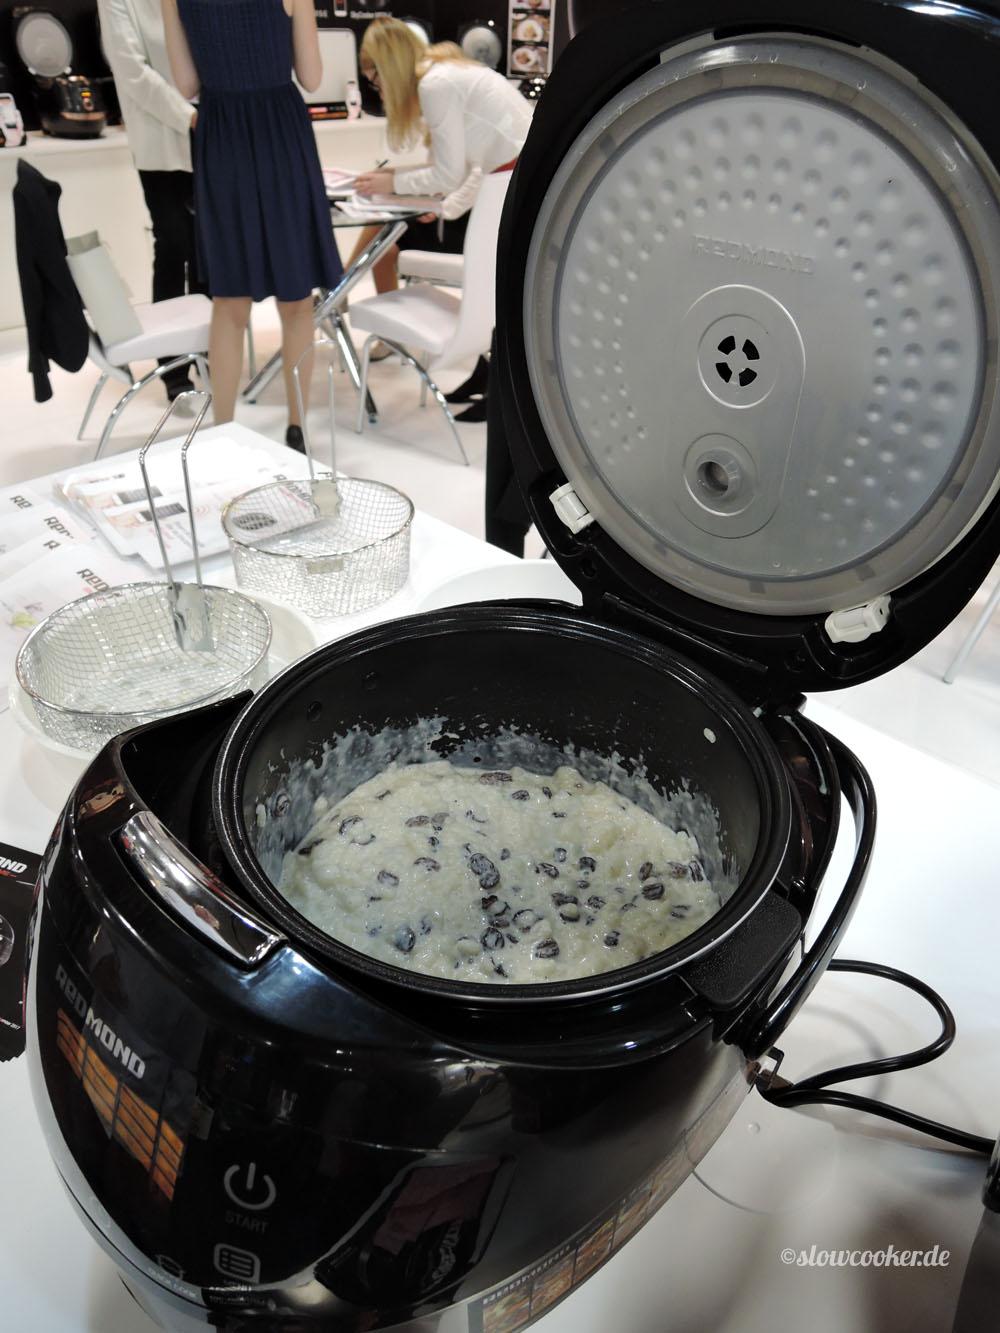 Redmond Multikocher mit Milchreis